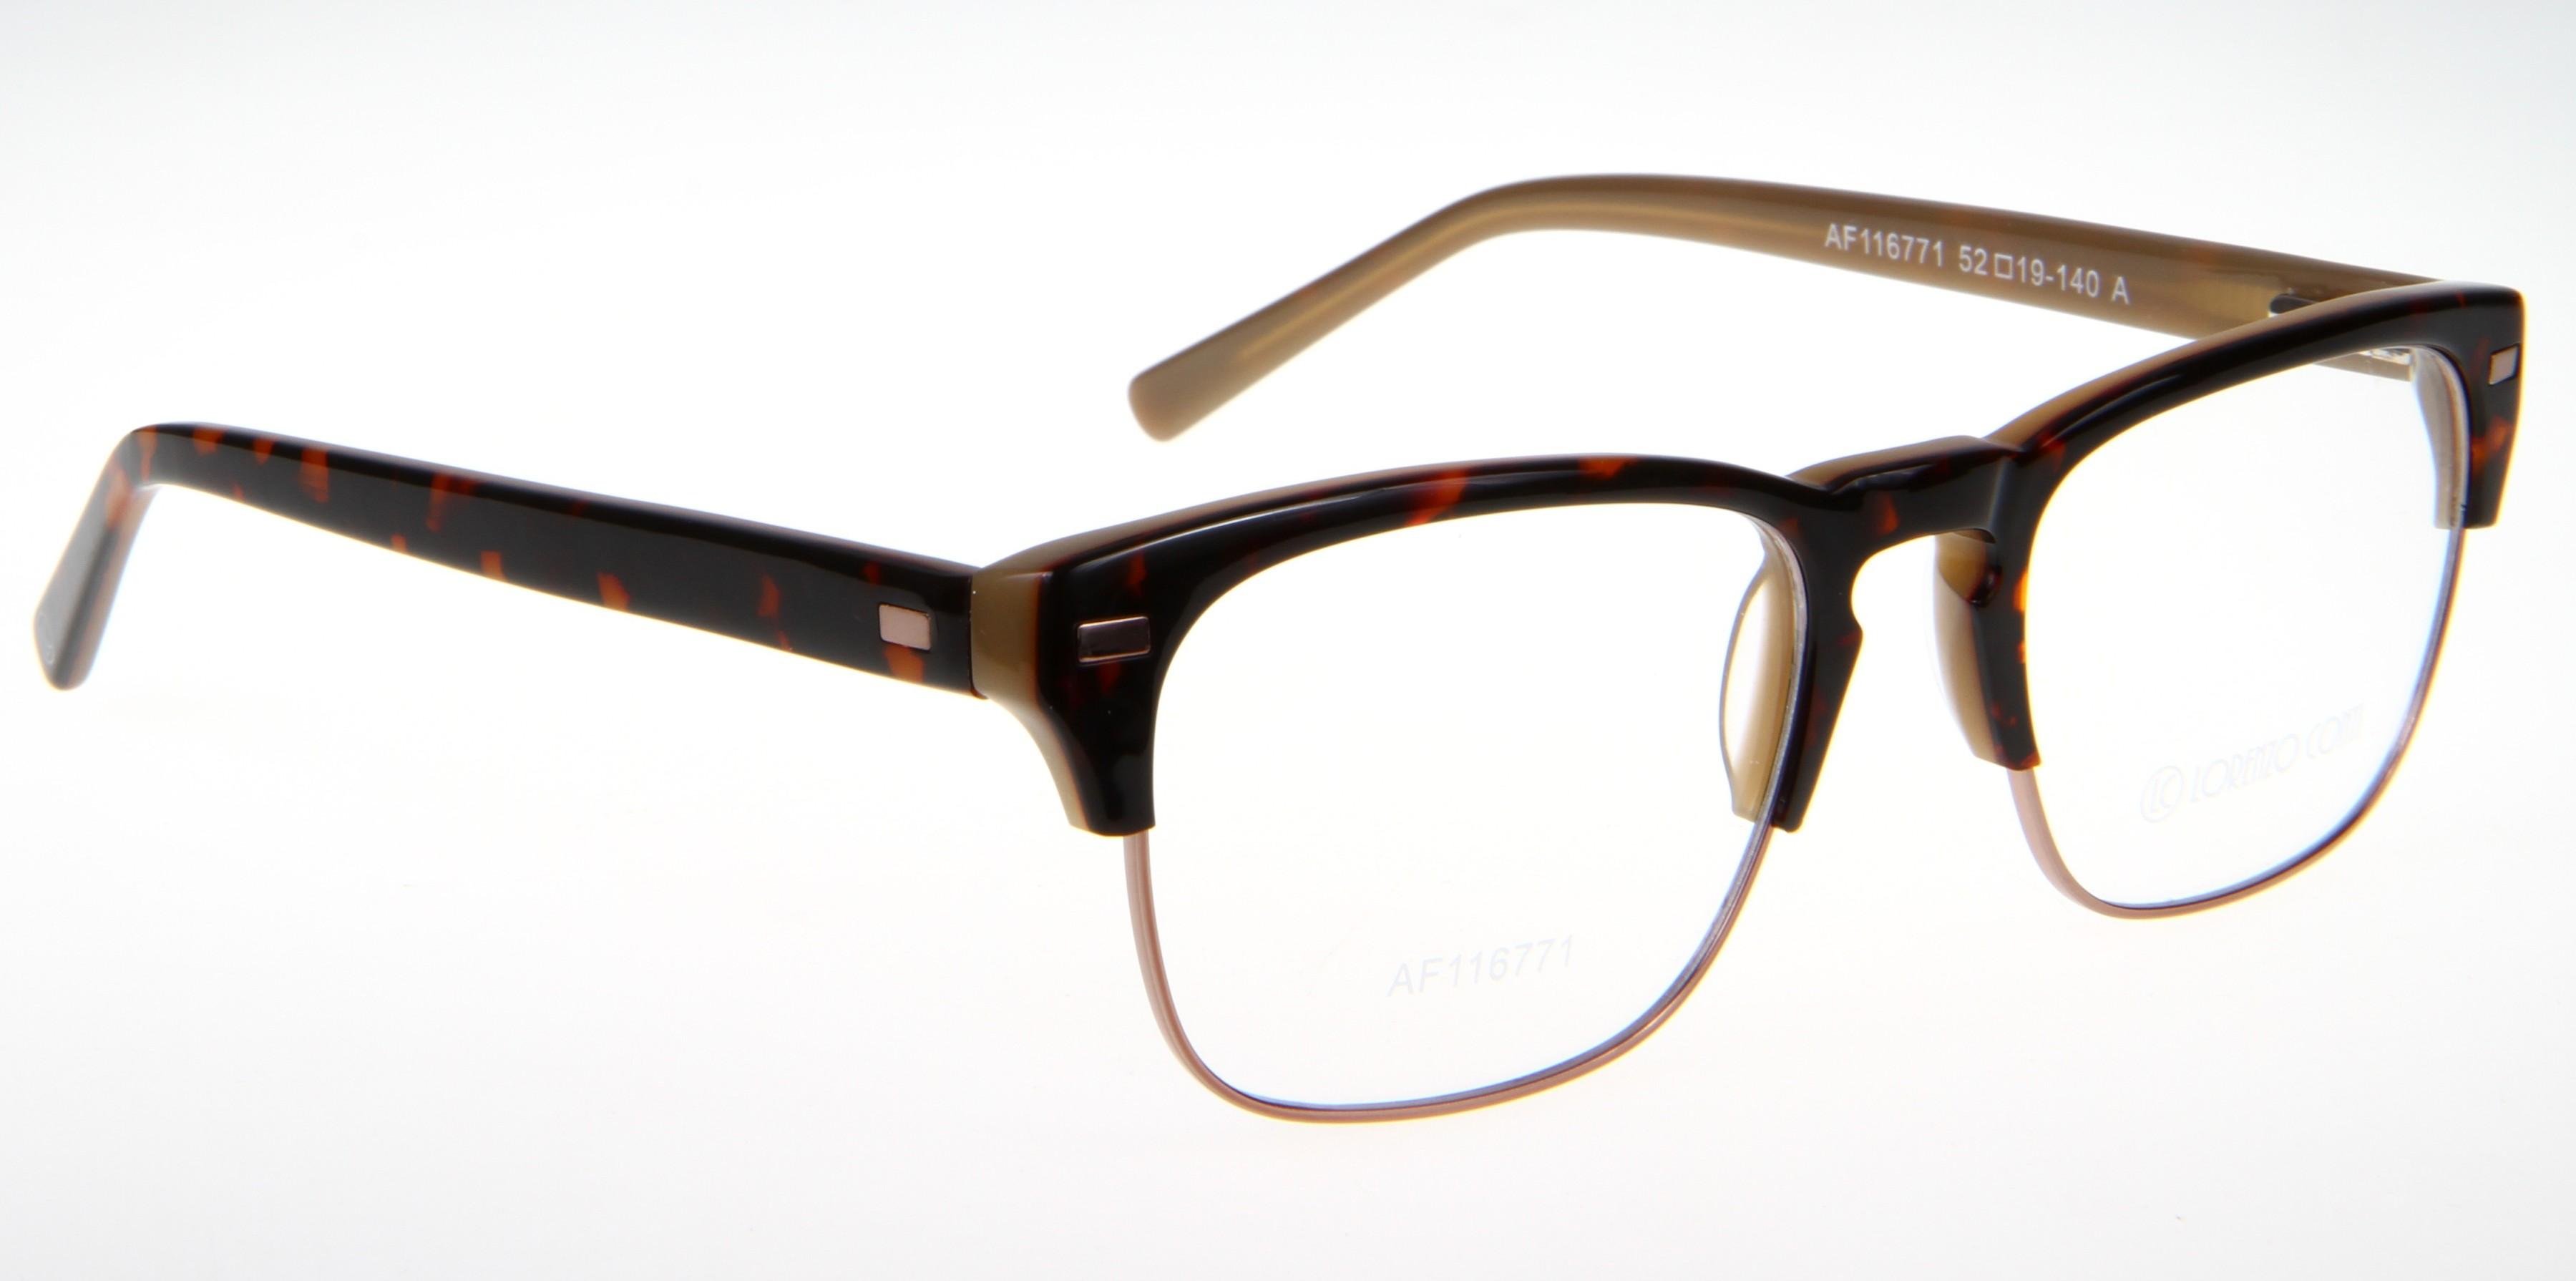 Oprawki okularowe Lorenzo AF116771 col. A brązowy